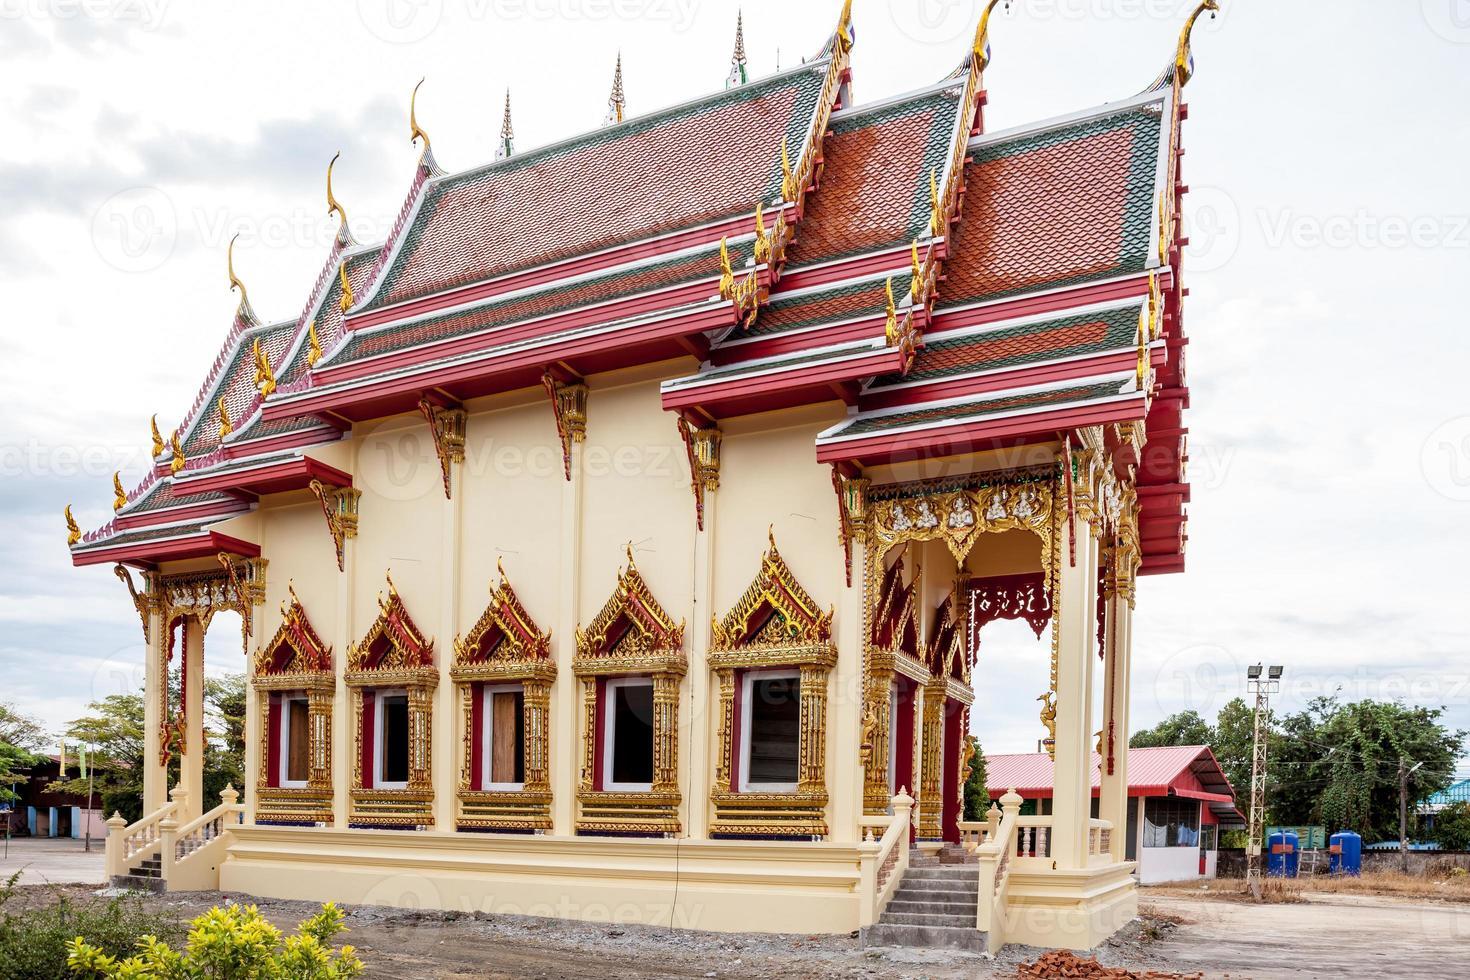 nuovo tempio in Tailandia foto